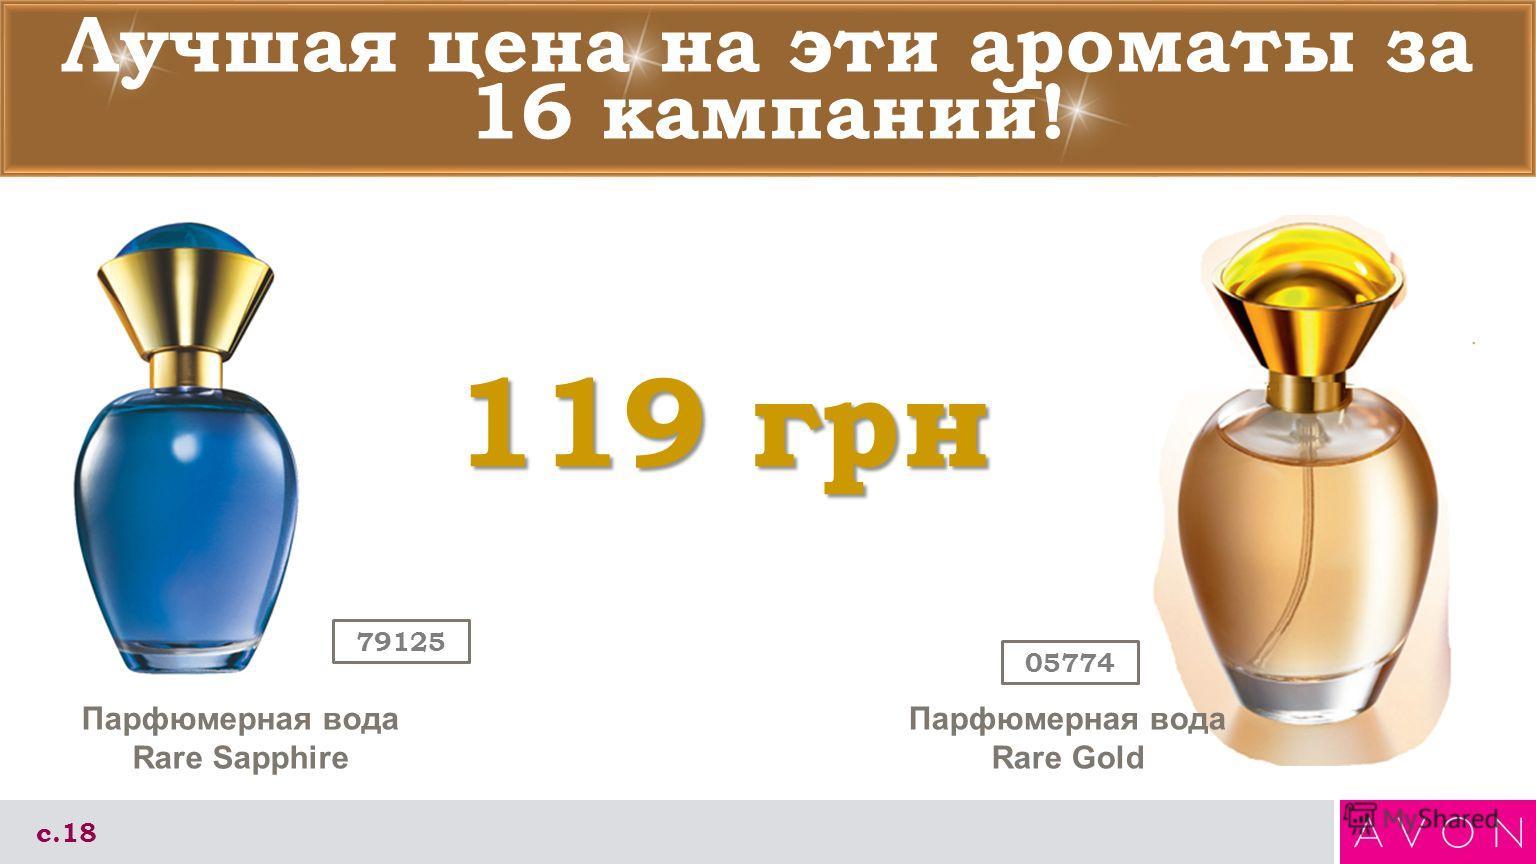 Лучшая цена на эти ароматы за 16 кампаний! с.18 119 грн 79125 Парфюмерная вода Rare Sapphire Парфюмерная вода Rare Gold 05774